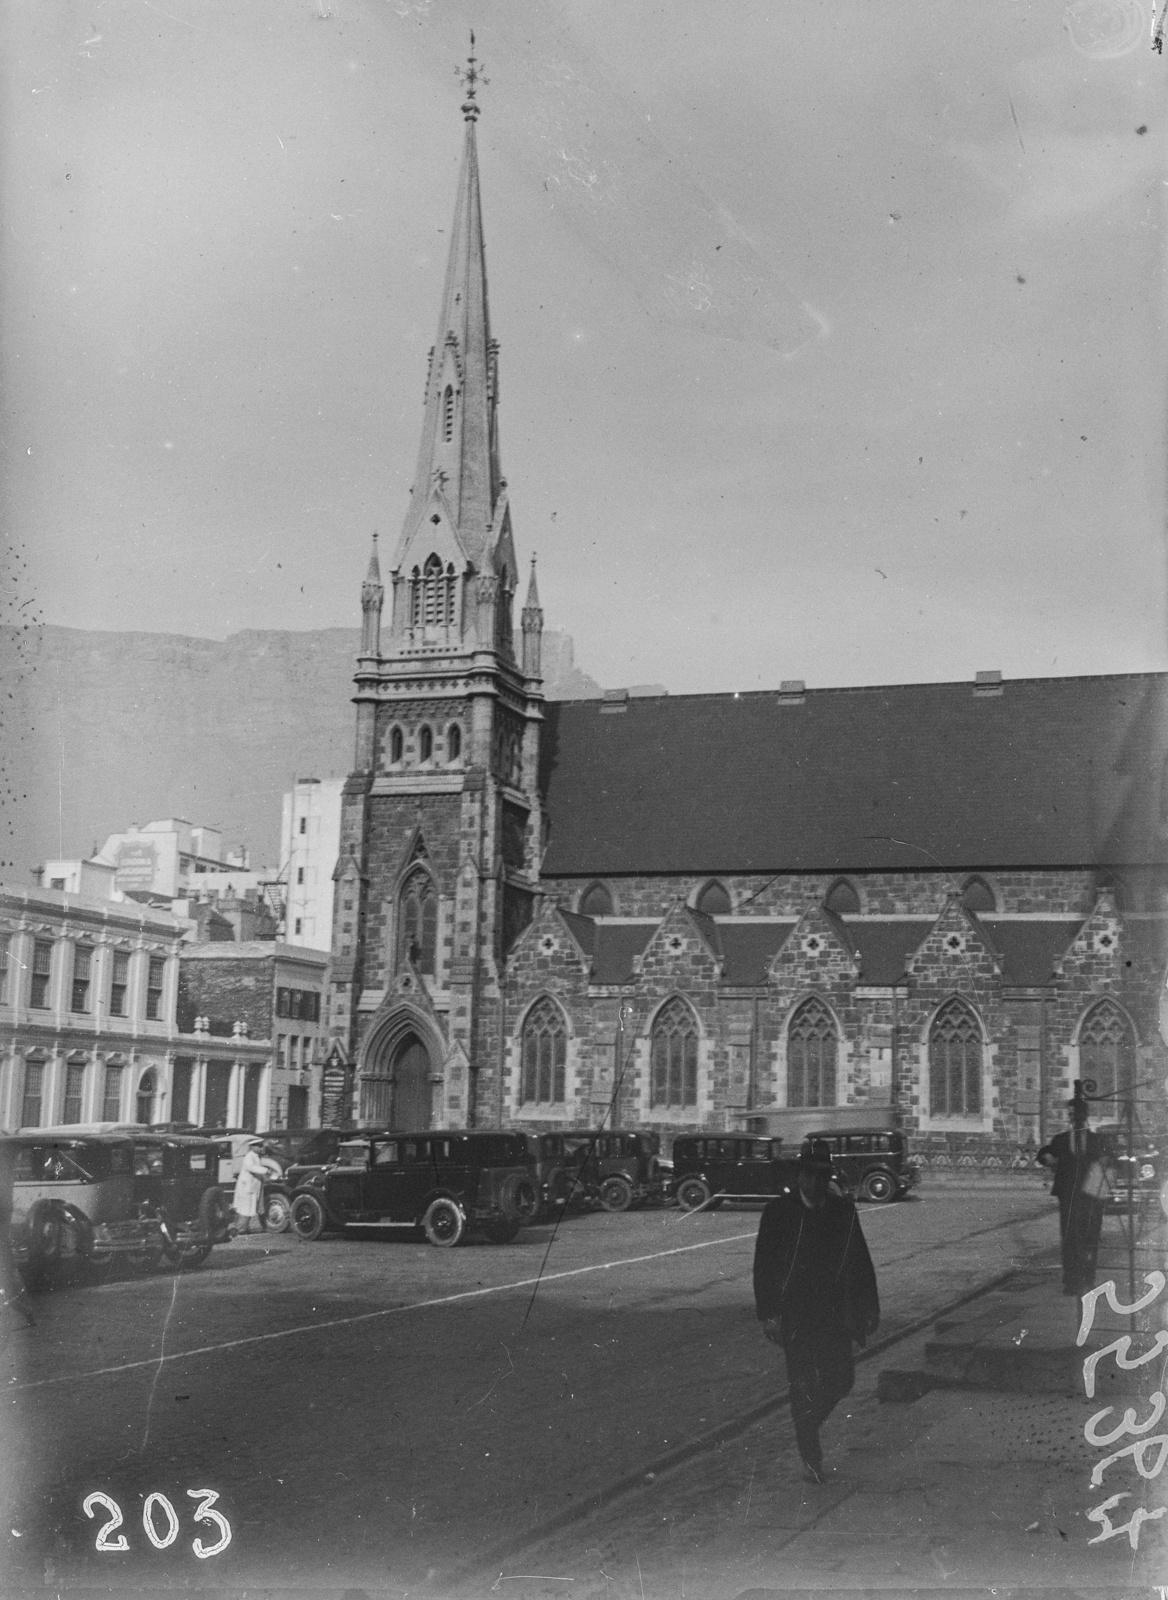 Южно-Африканский Союз. Кейптаун. Рыночная площадь и методистская церковь.